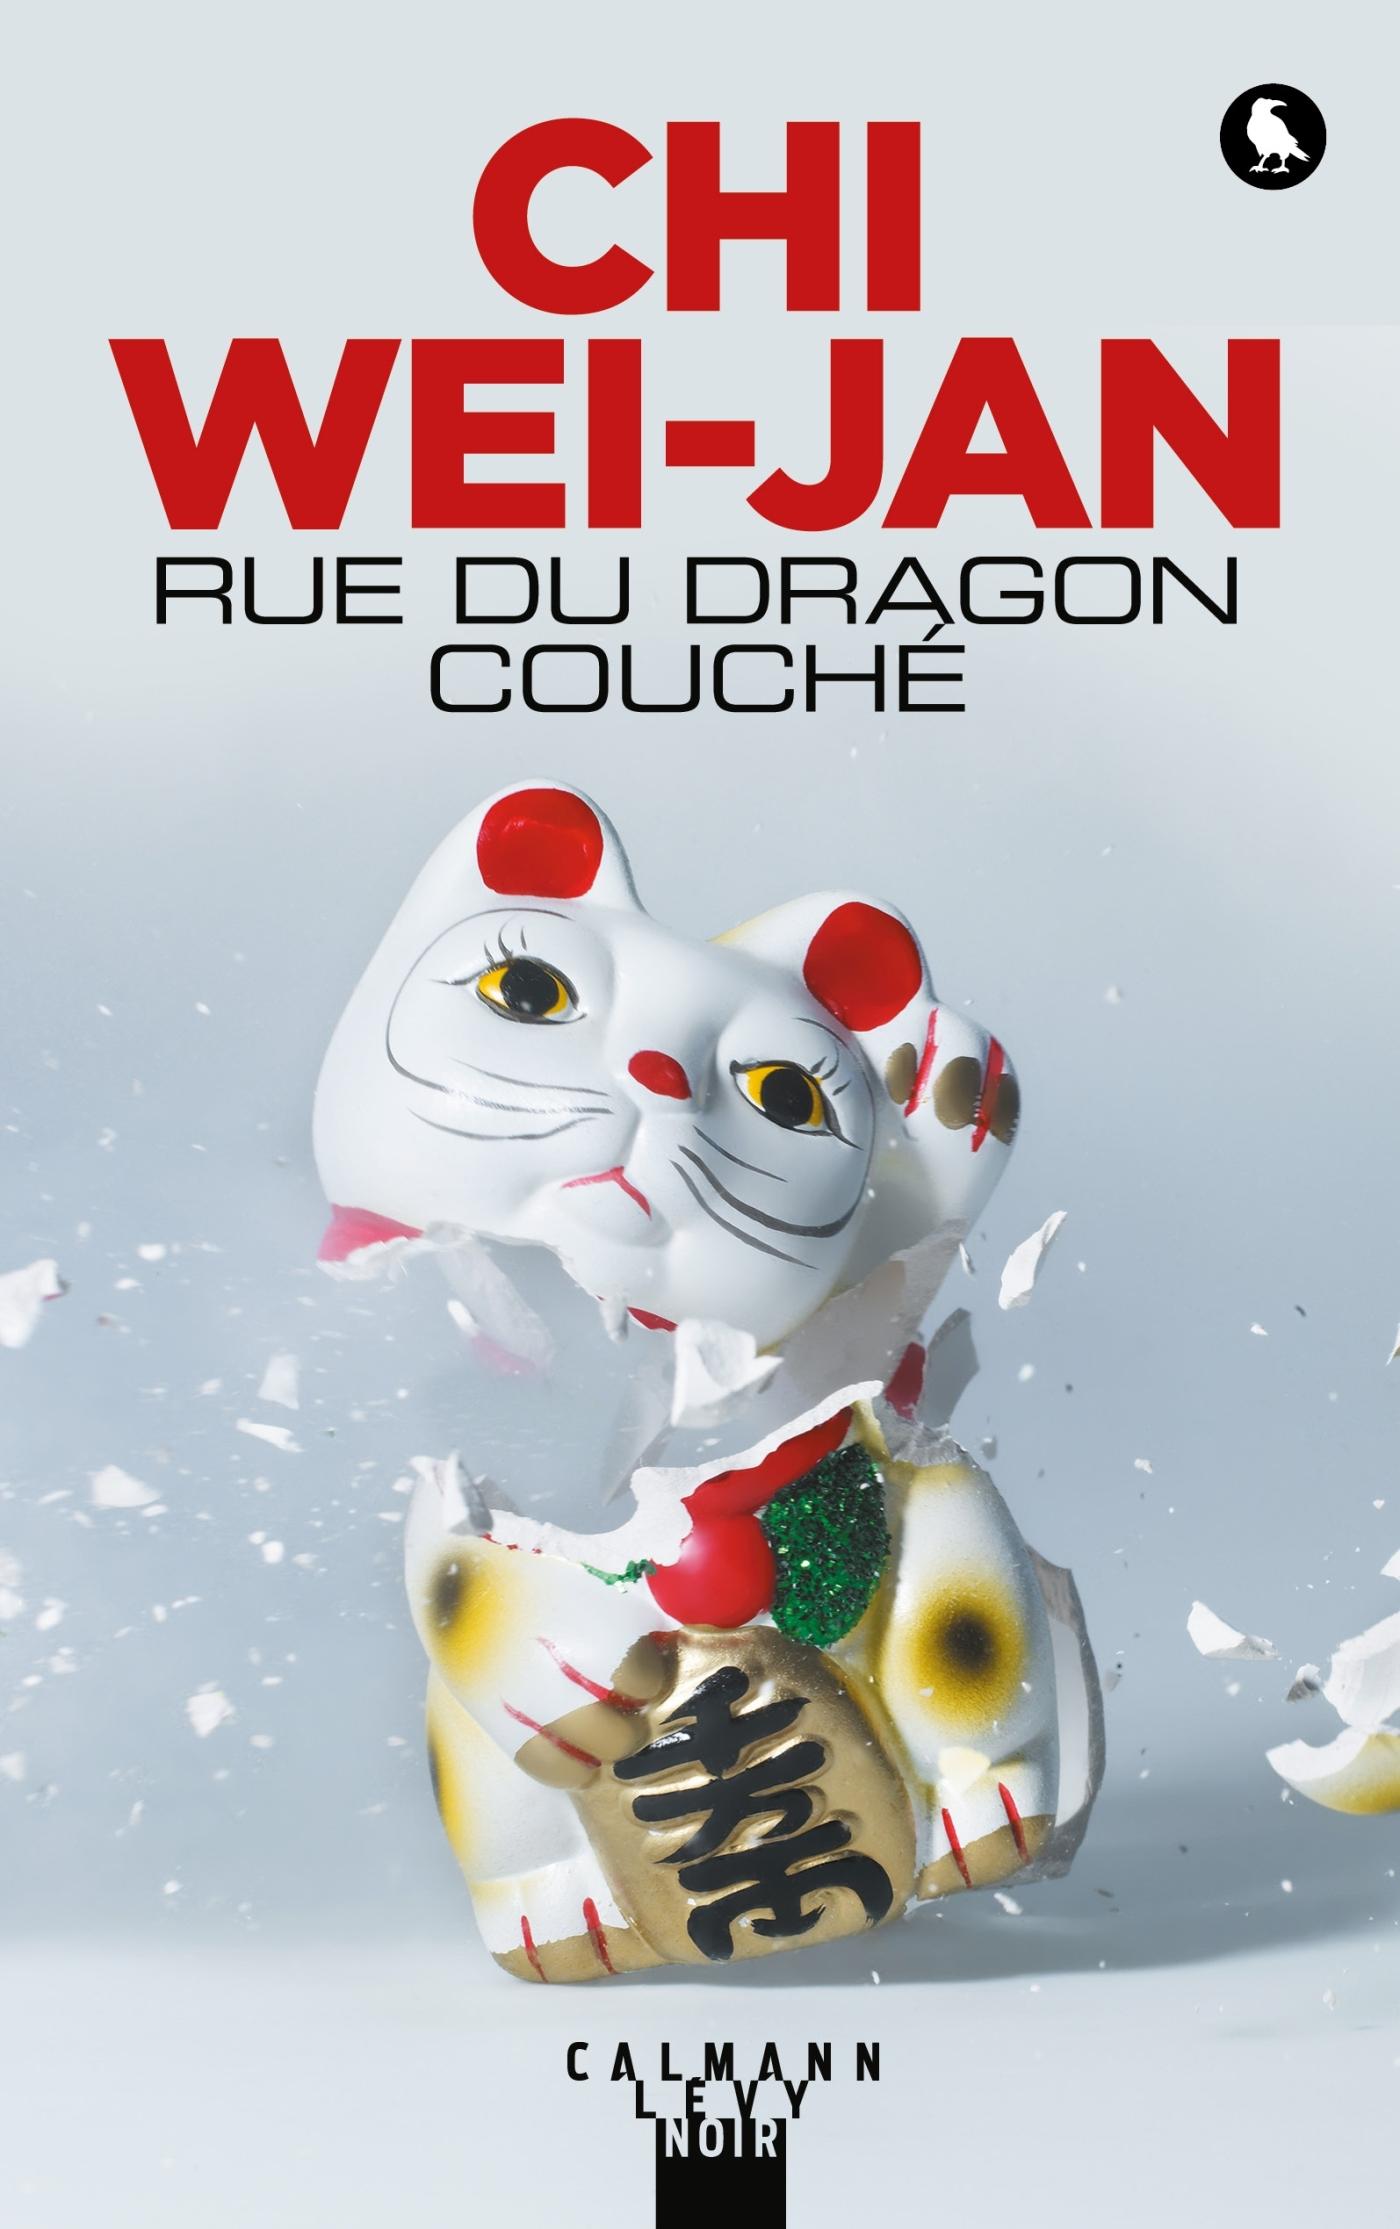 RUE DU DRAGON COUCHE